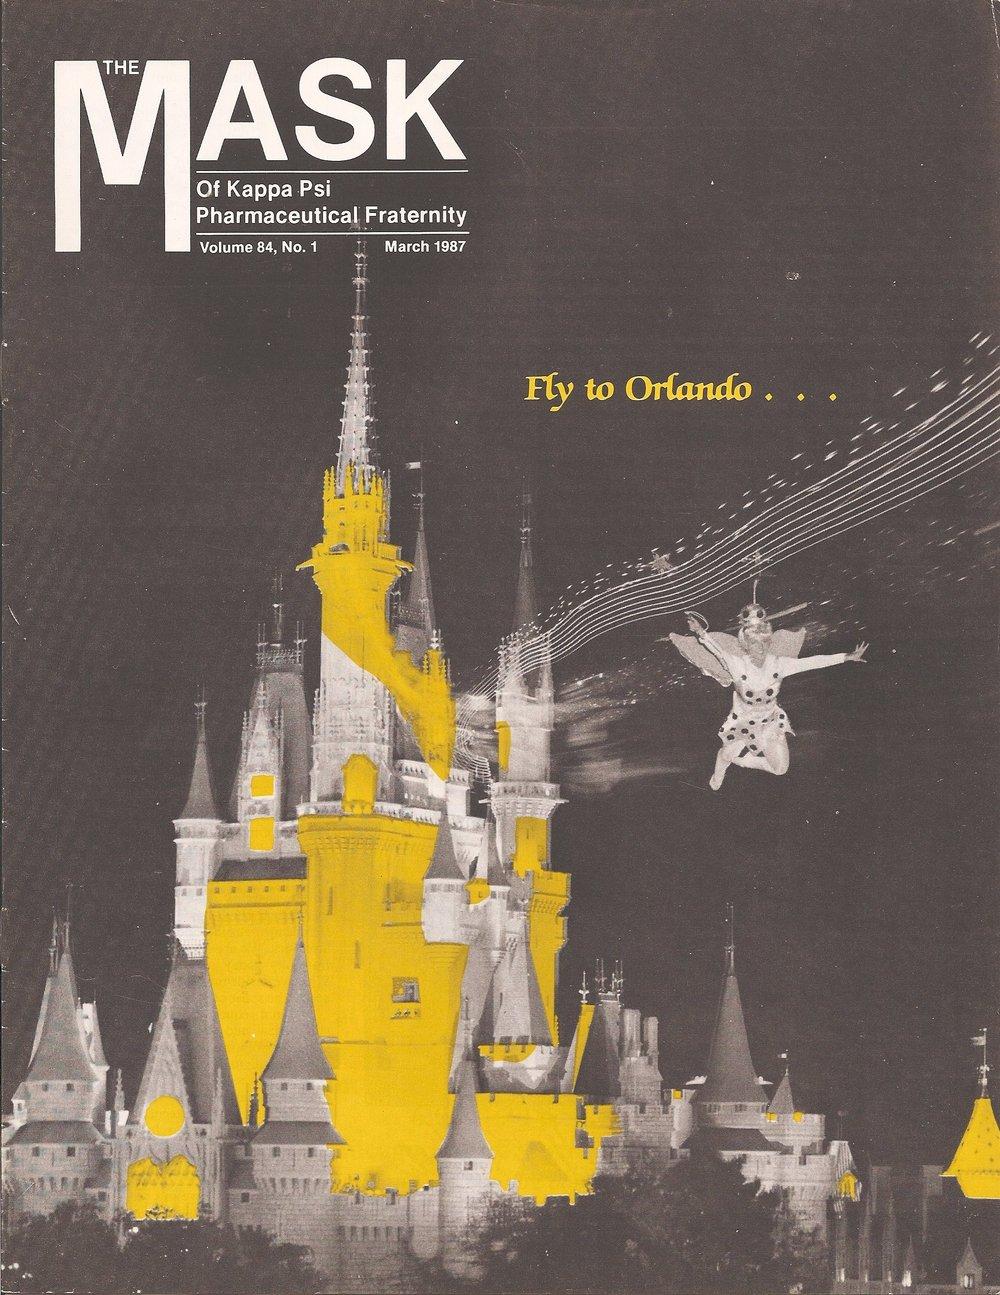 mask_cover_03_1987.jpg